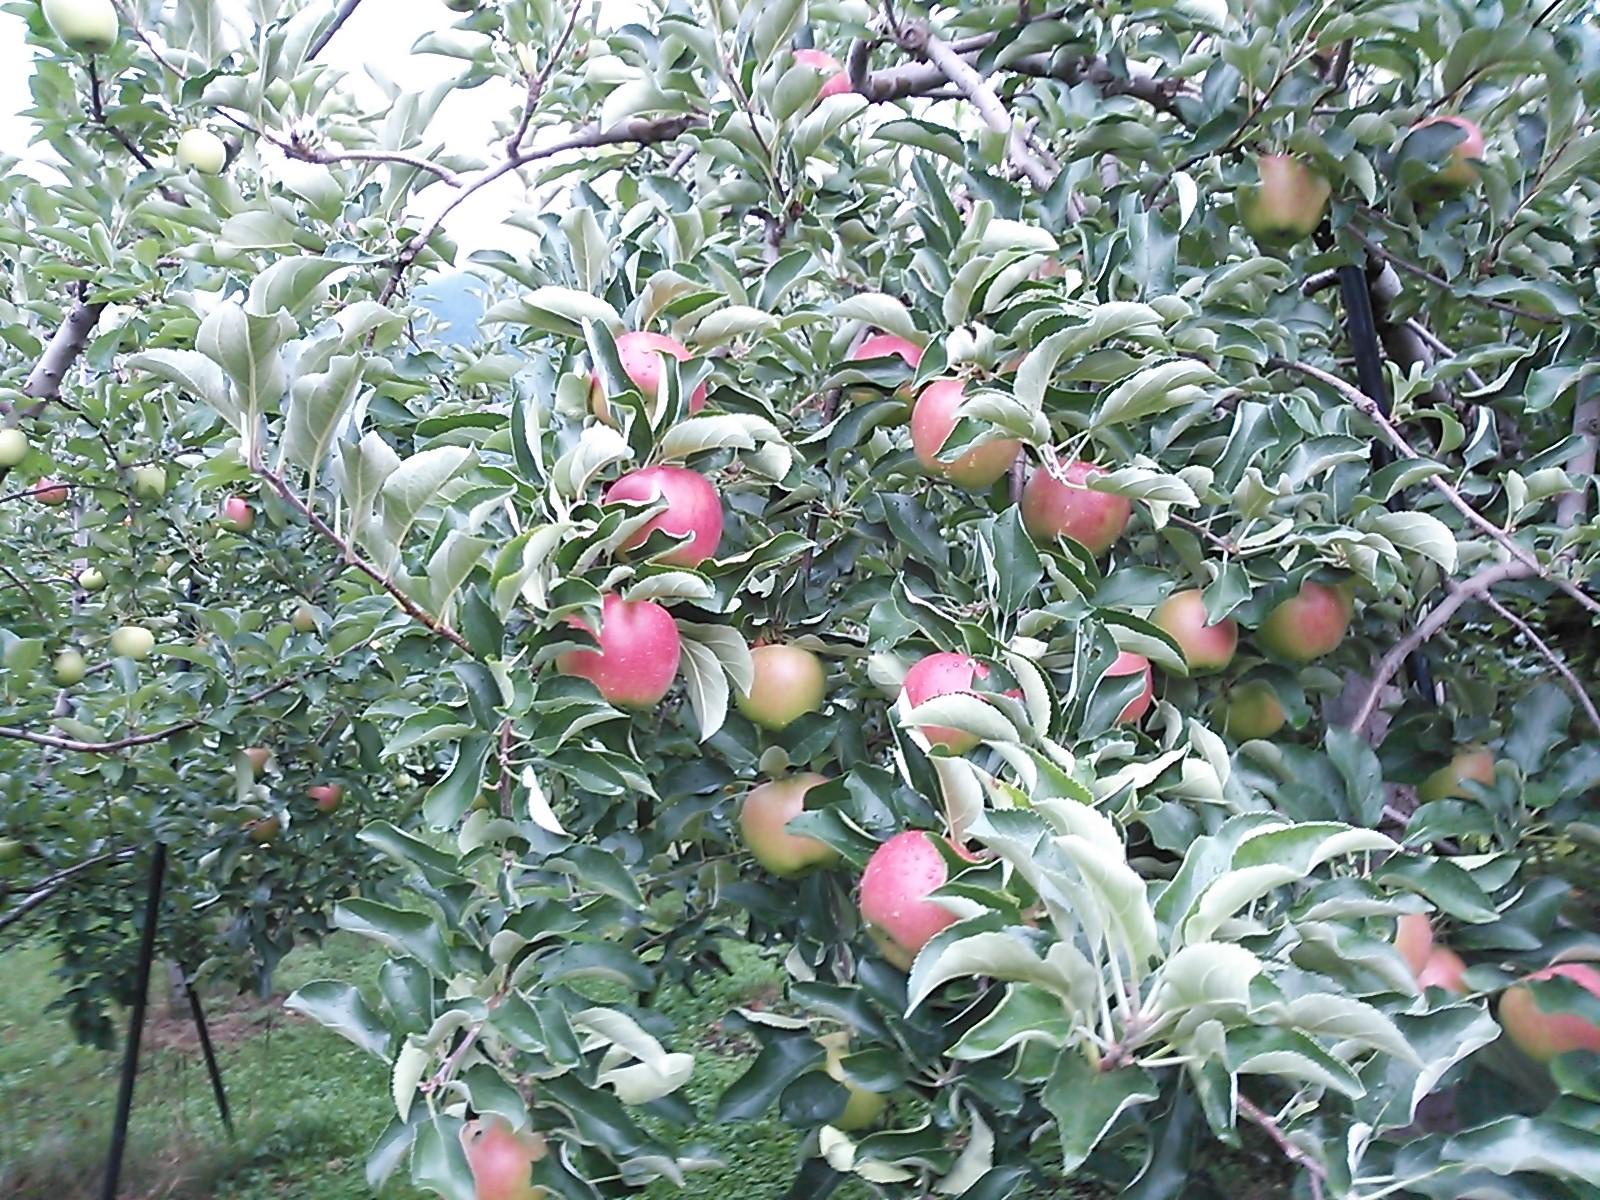 りんご 秋映 収穫1か月前